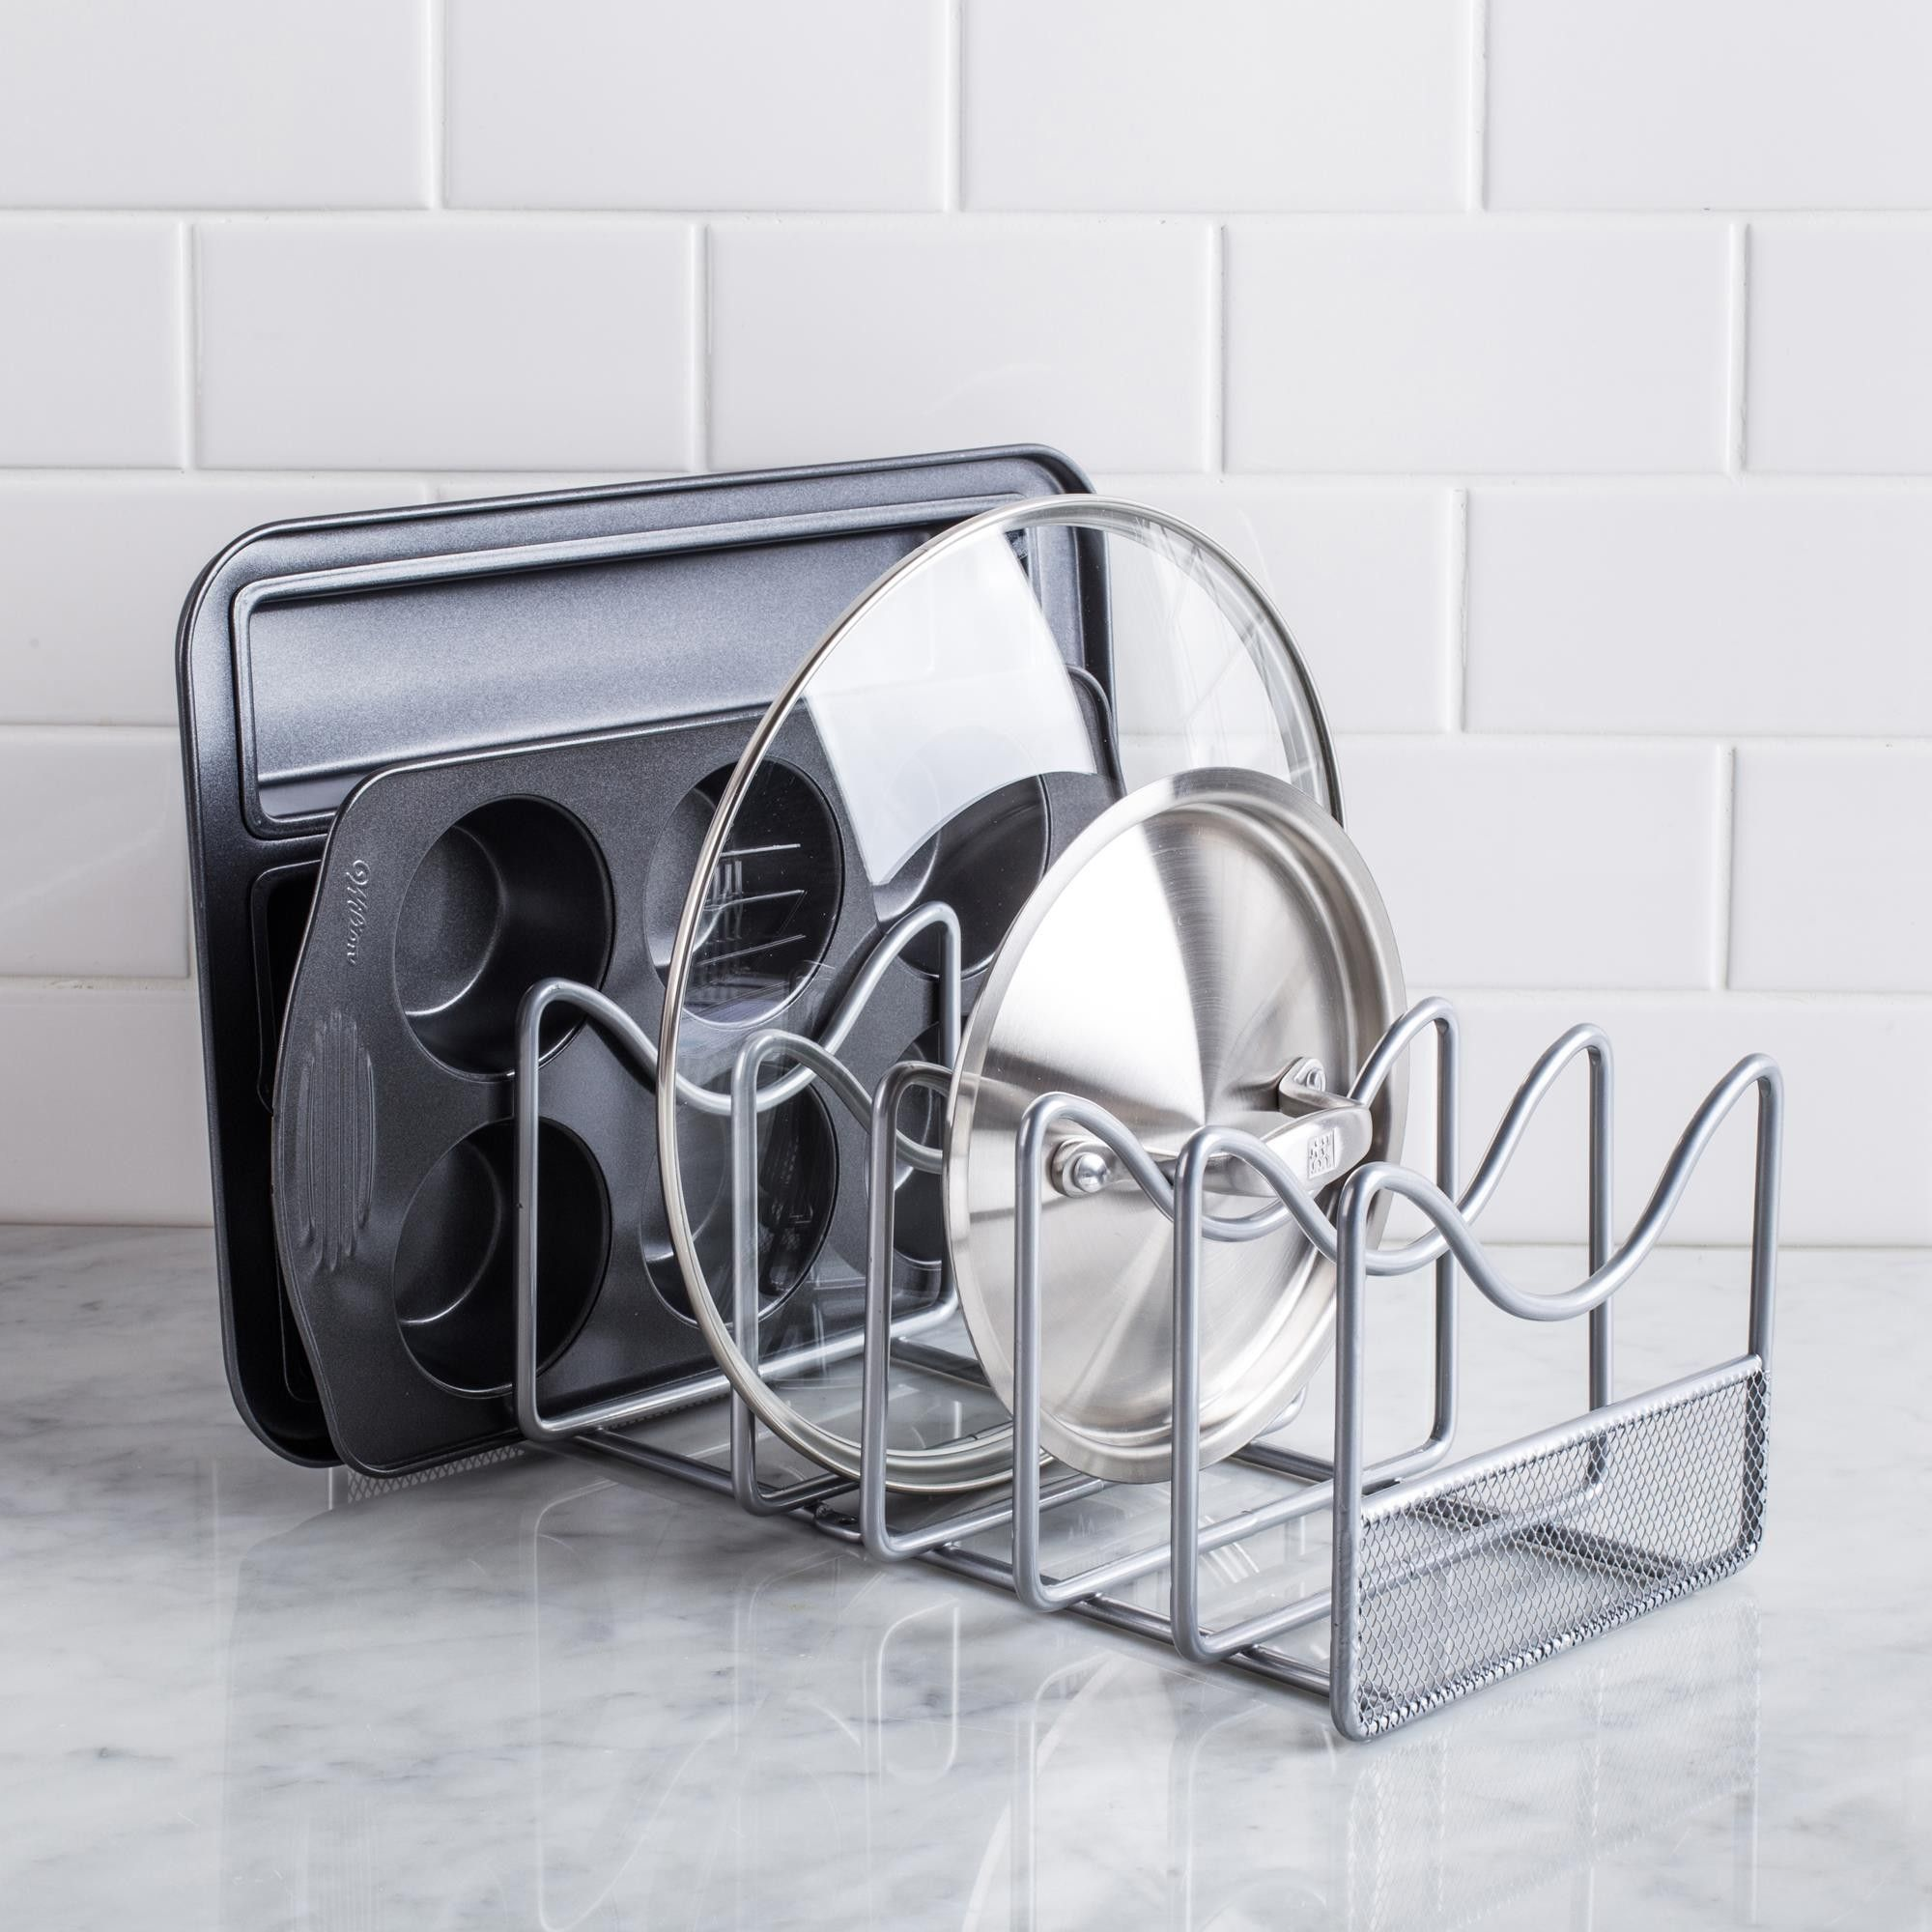 Ksp mesh panlid organizer silver bếp kệ bếp thiết kế